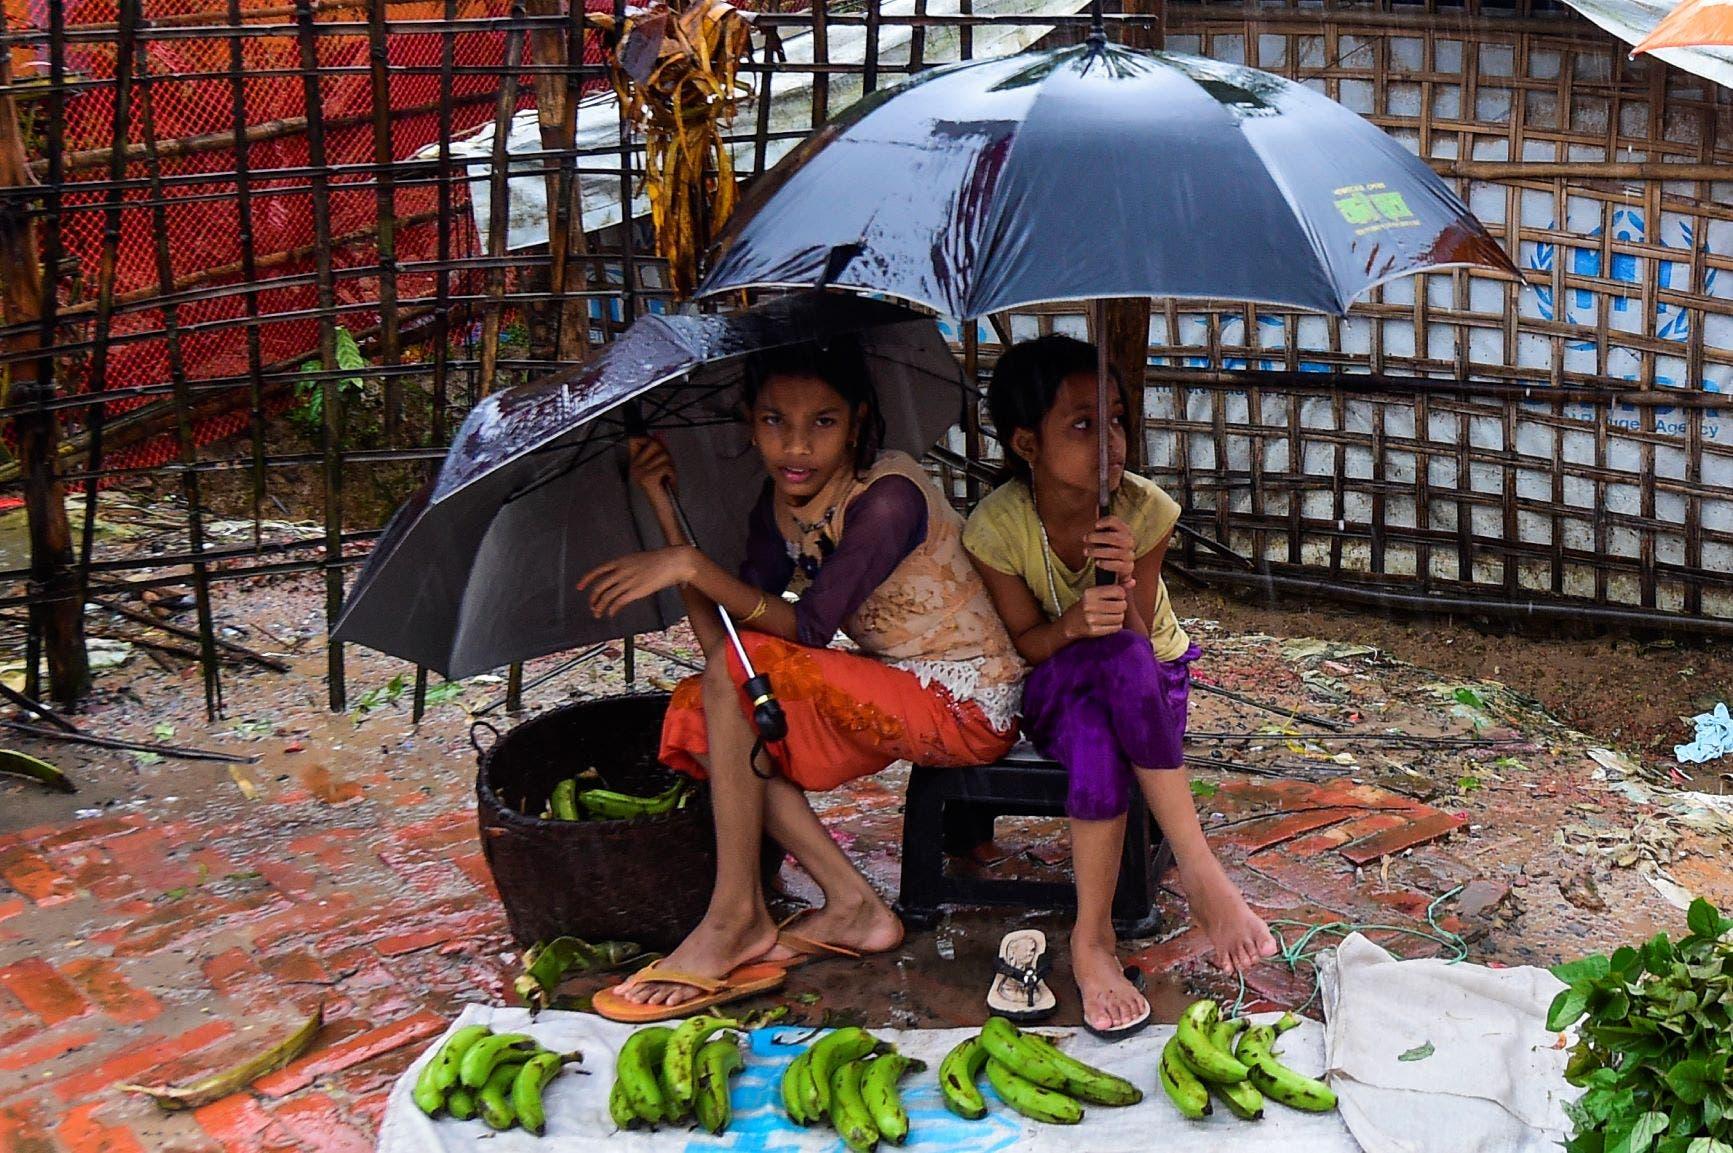 طفلتان من الروهينغا (أرشيفية)